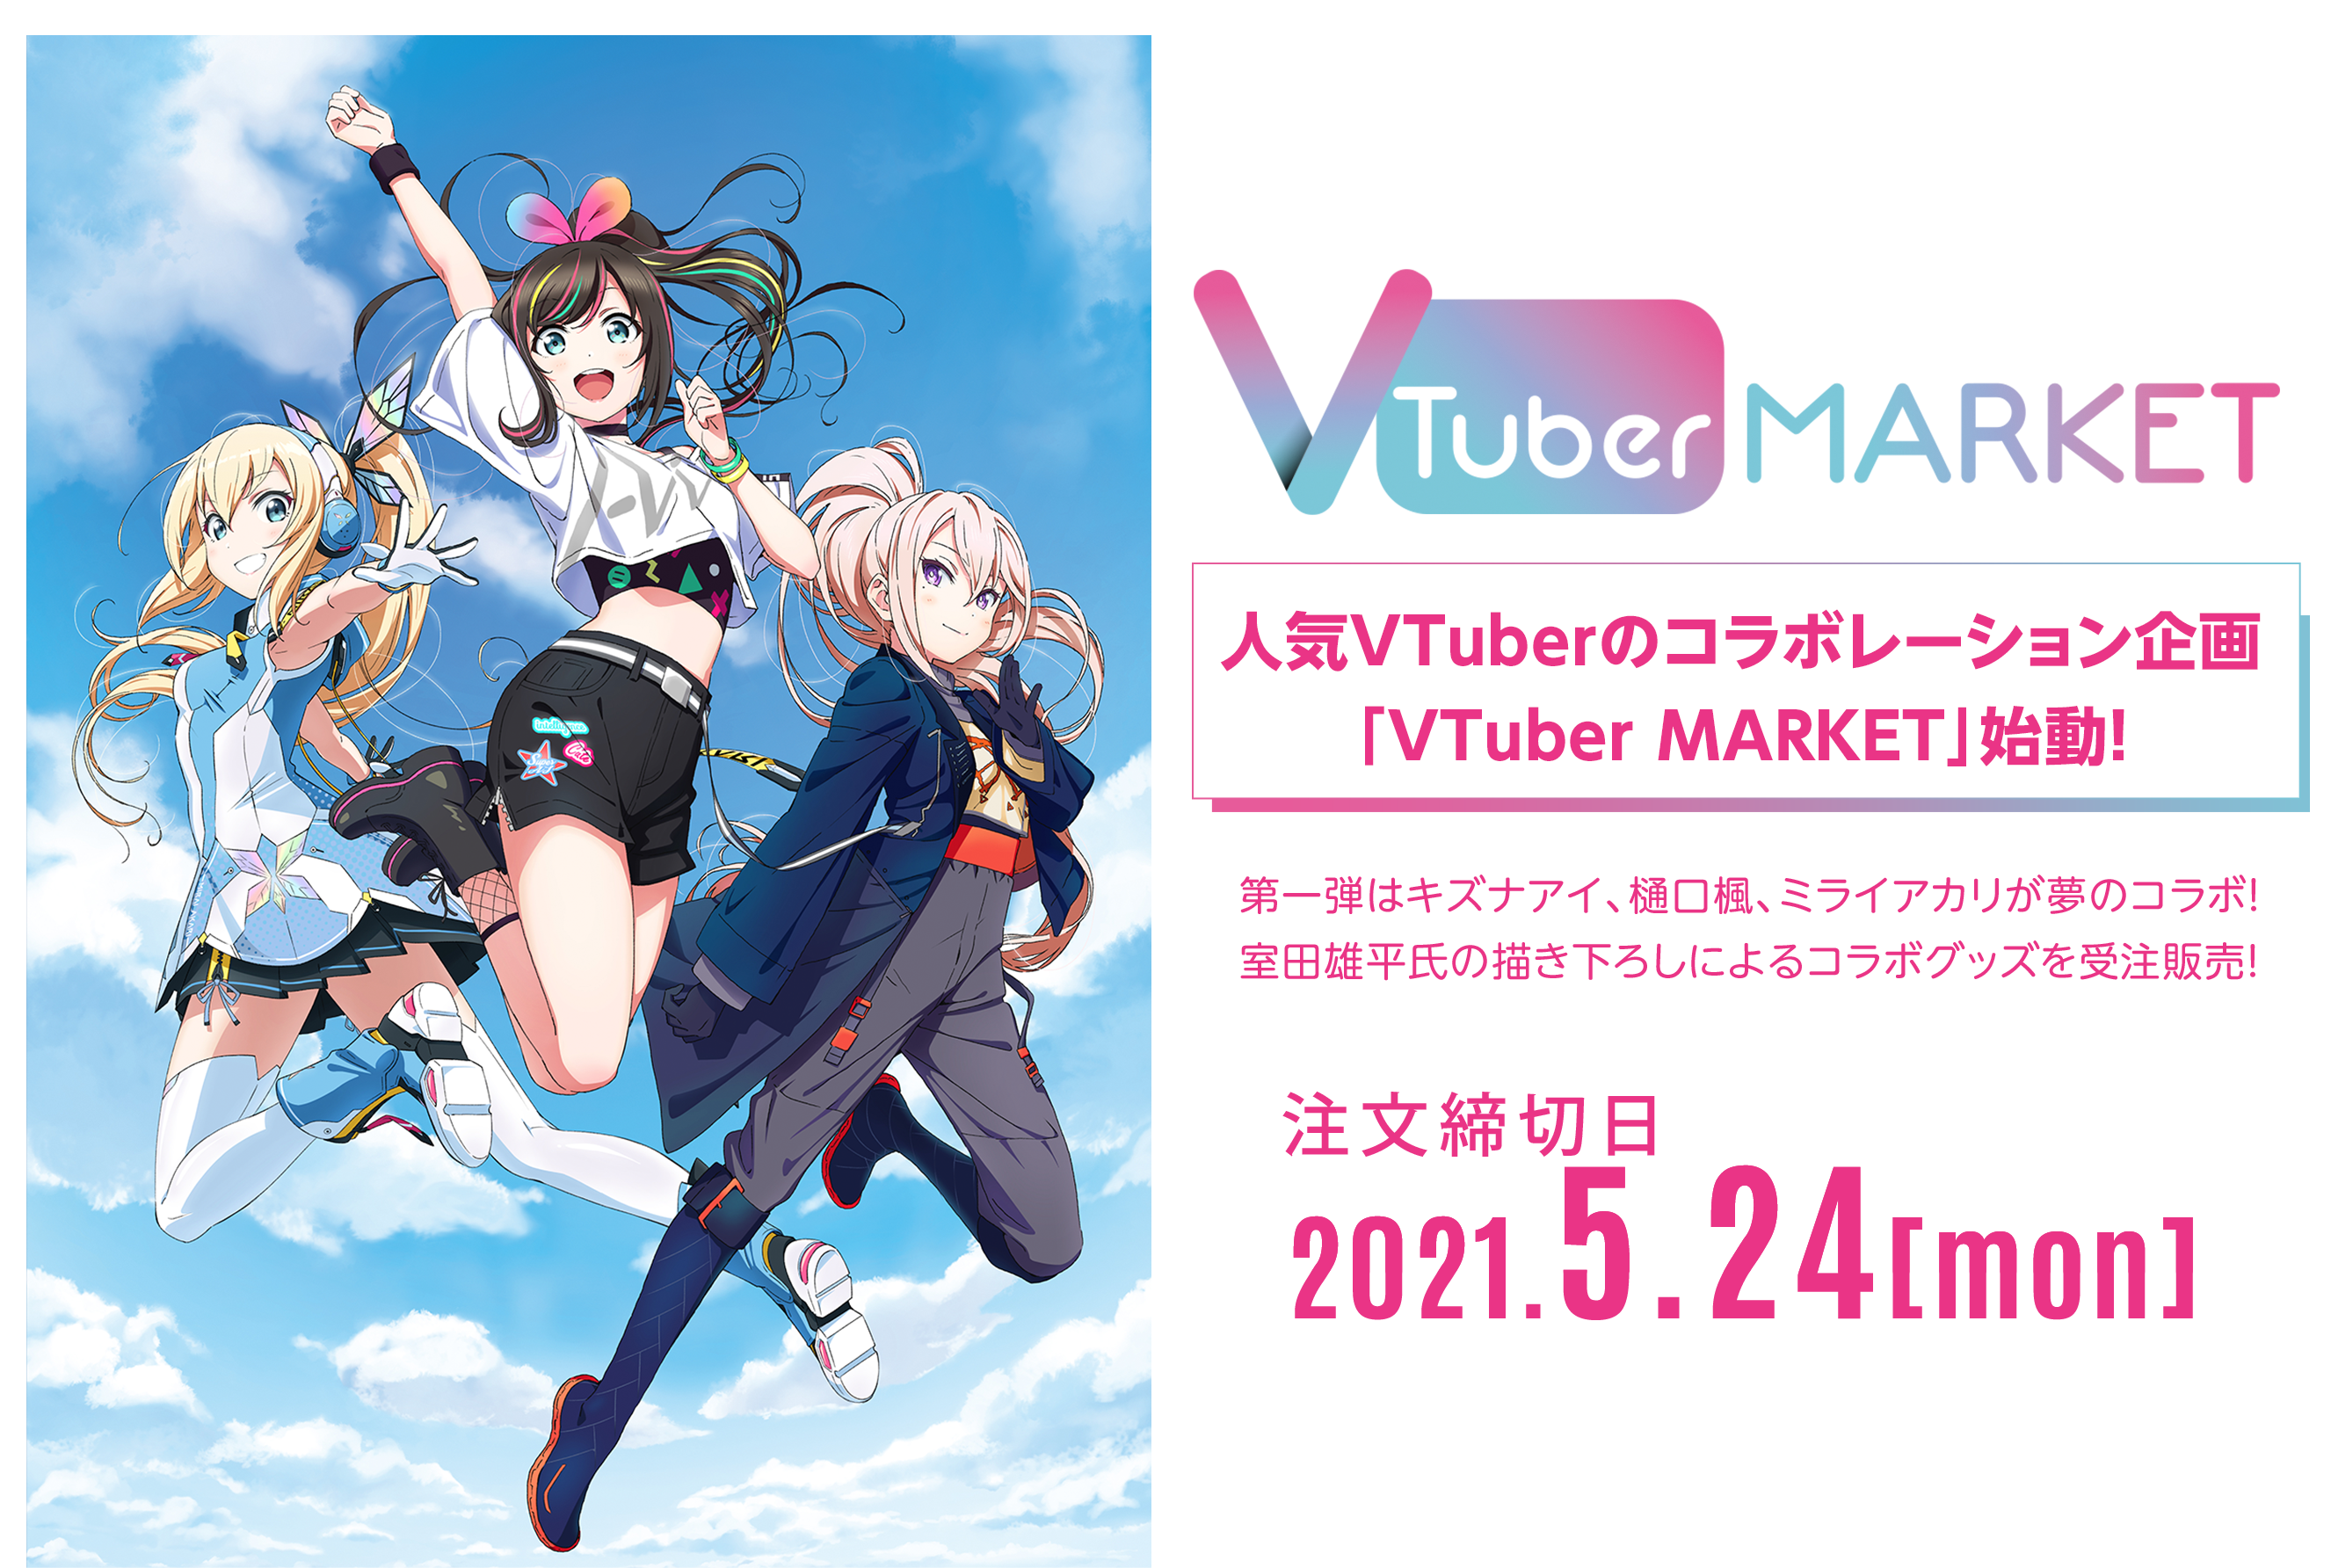 VTuber MARKET 人気VTuberのコラボレーション企画「VTuber MARKET」始動! 注文締切日2021.5.24[mon]